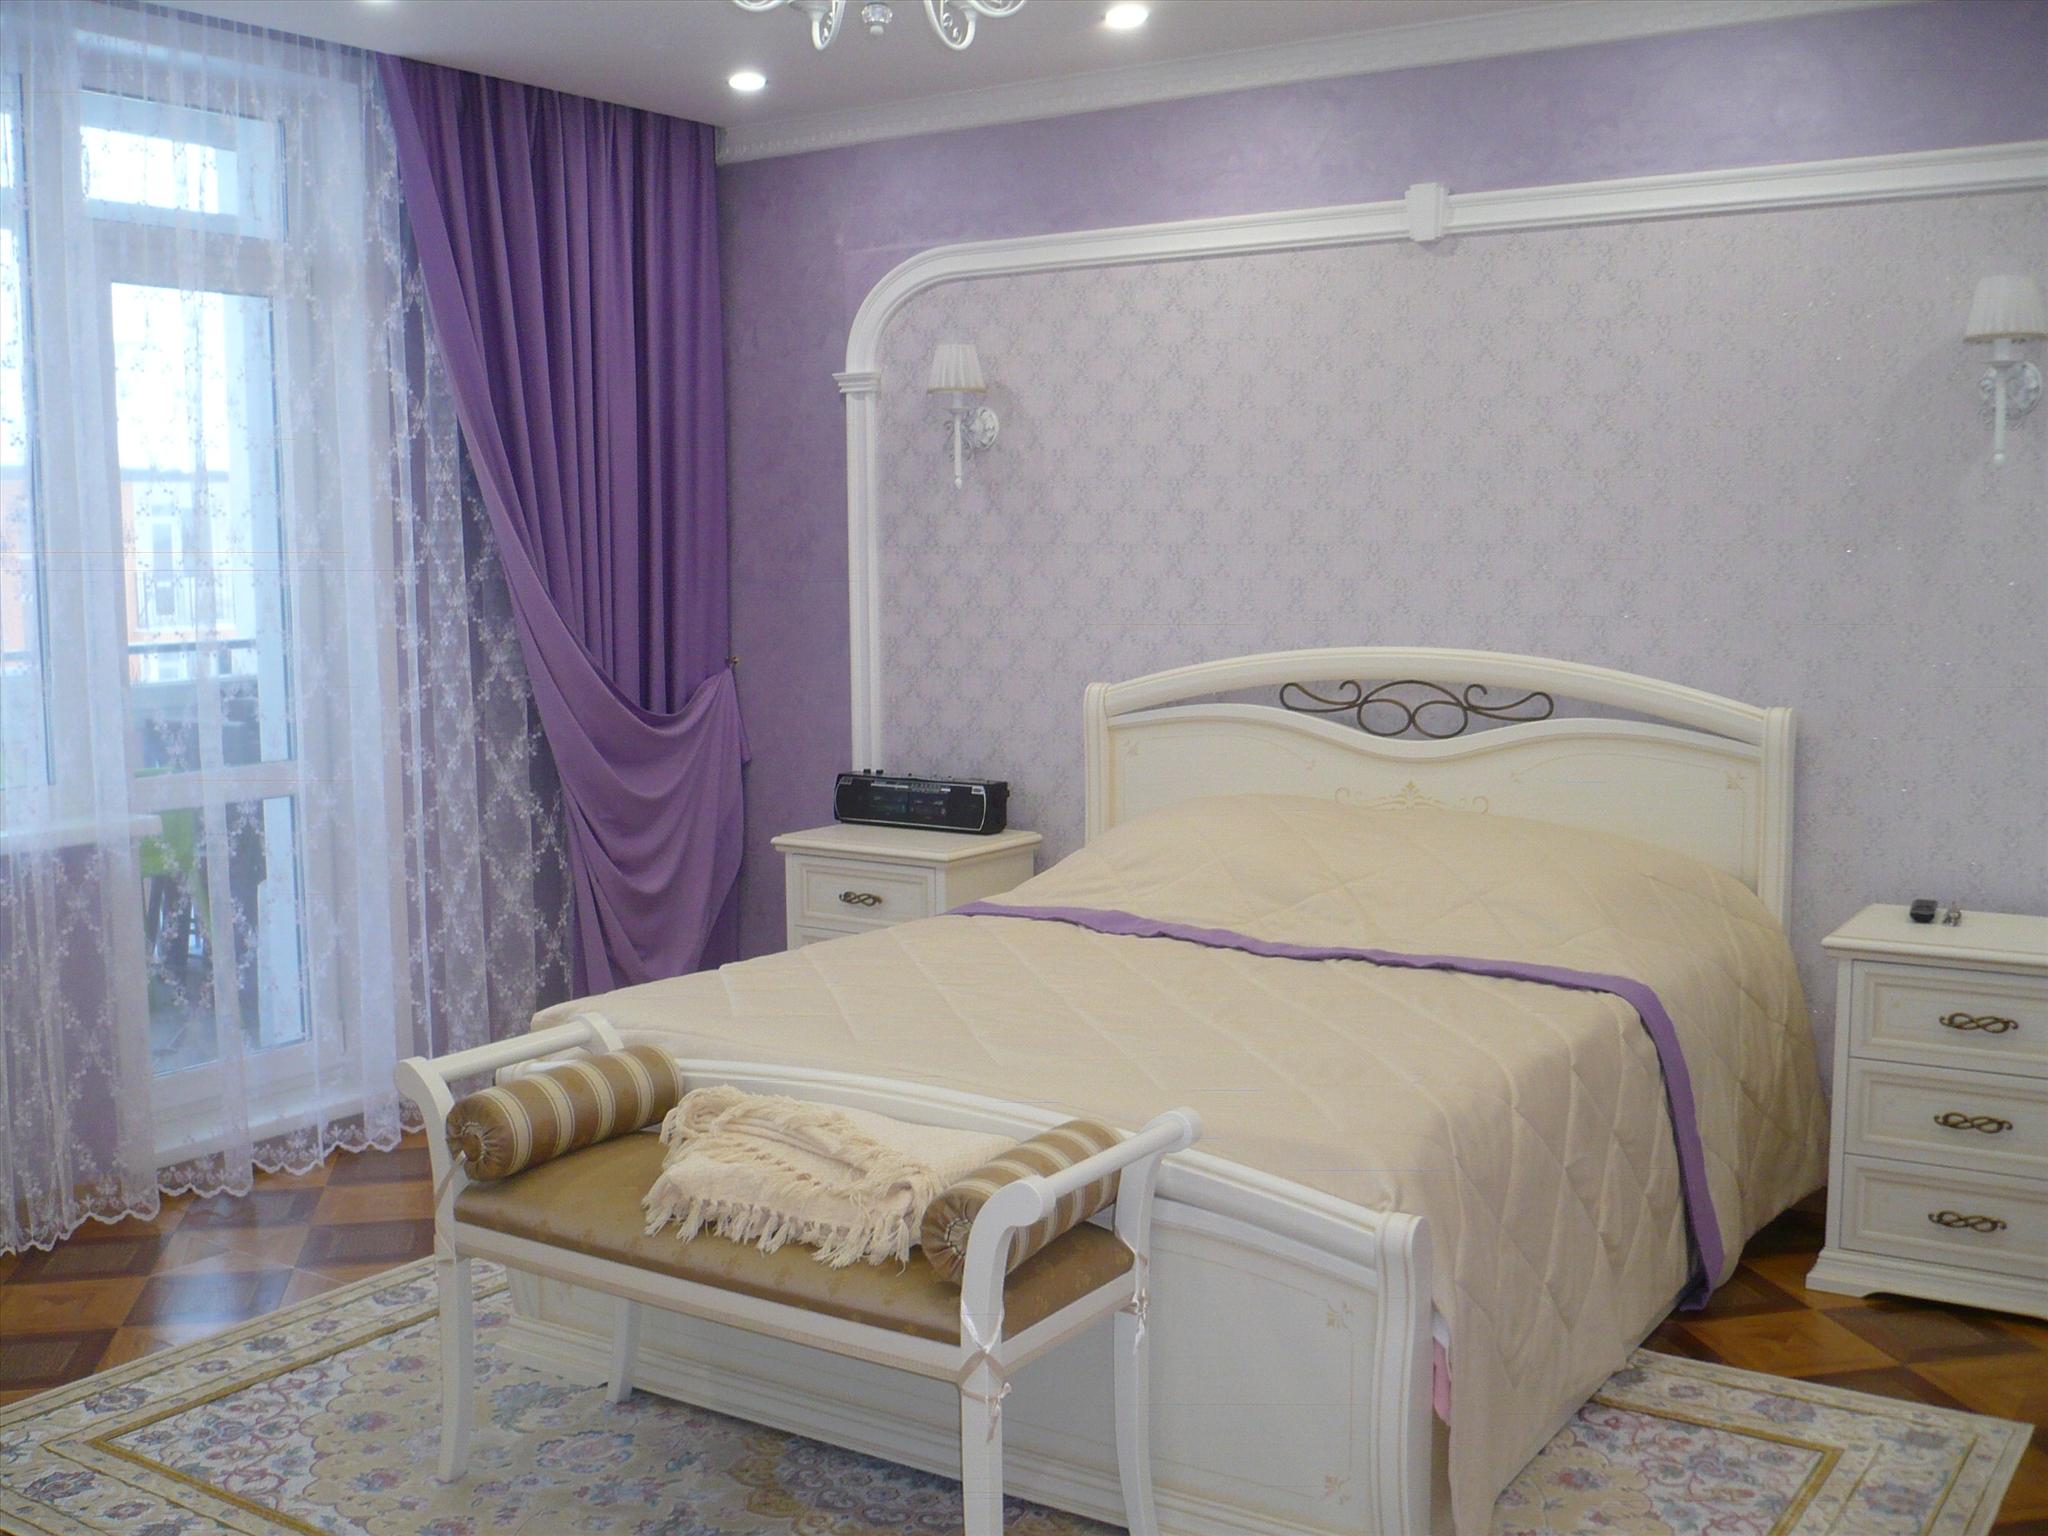 Дом на заказ москва